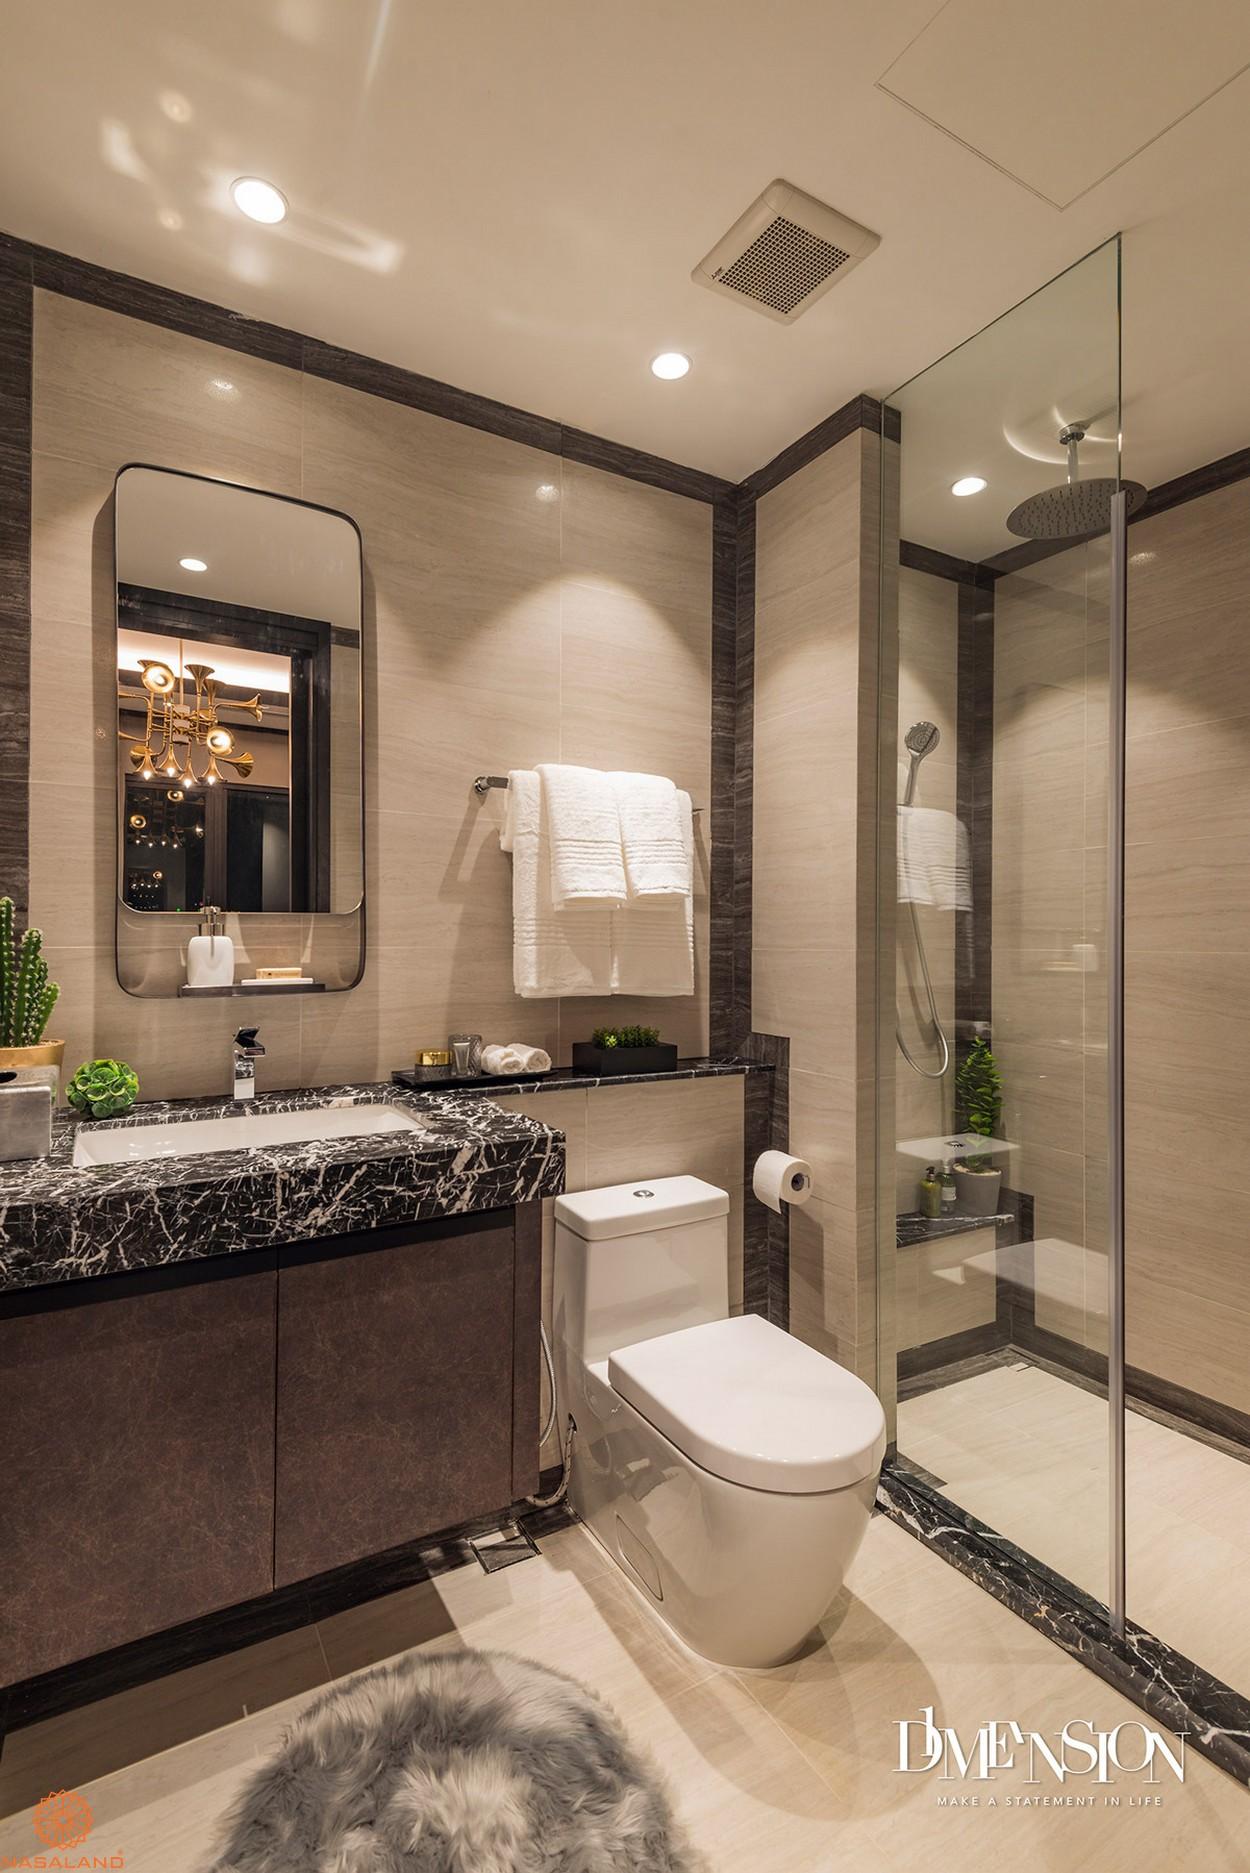 Nội thất nhà vệ sinh bàn giao căn hộ D1 Mension quận 1